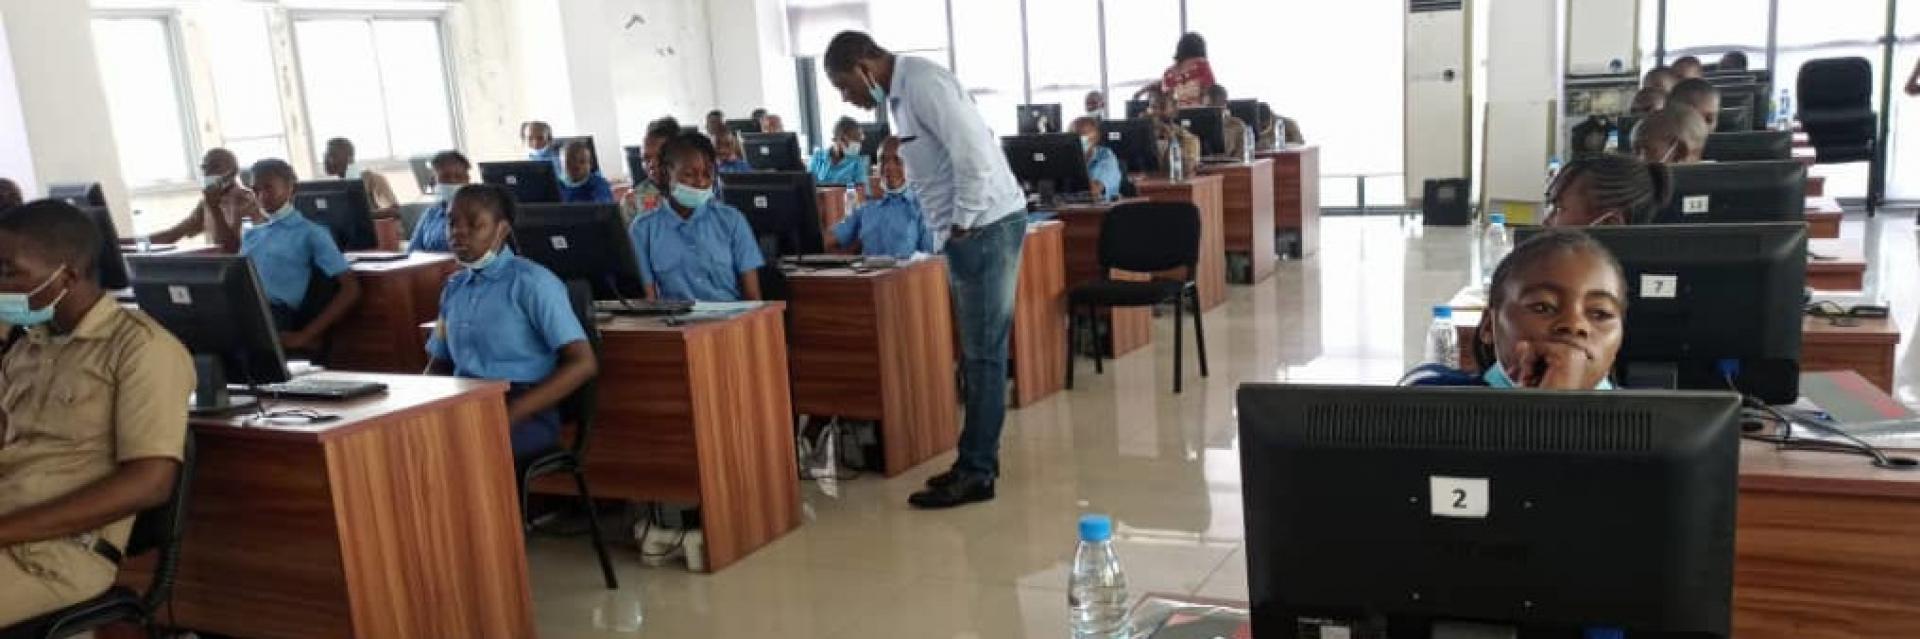 L'ONU met les jeunes étudiants africains sur la voie de l'innovation